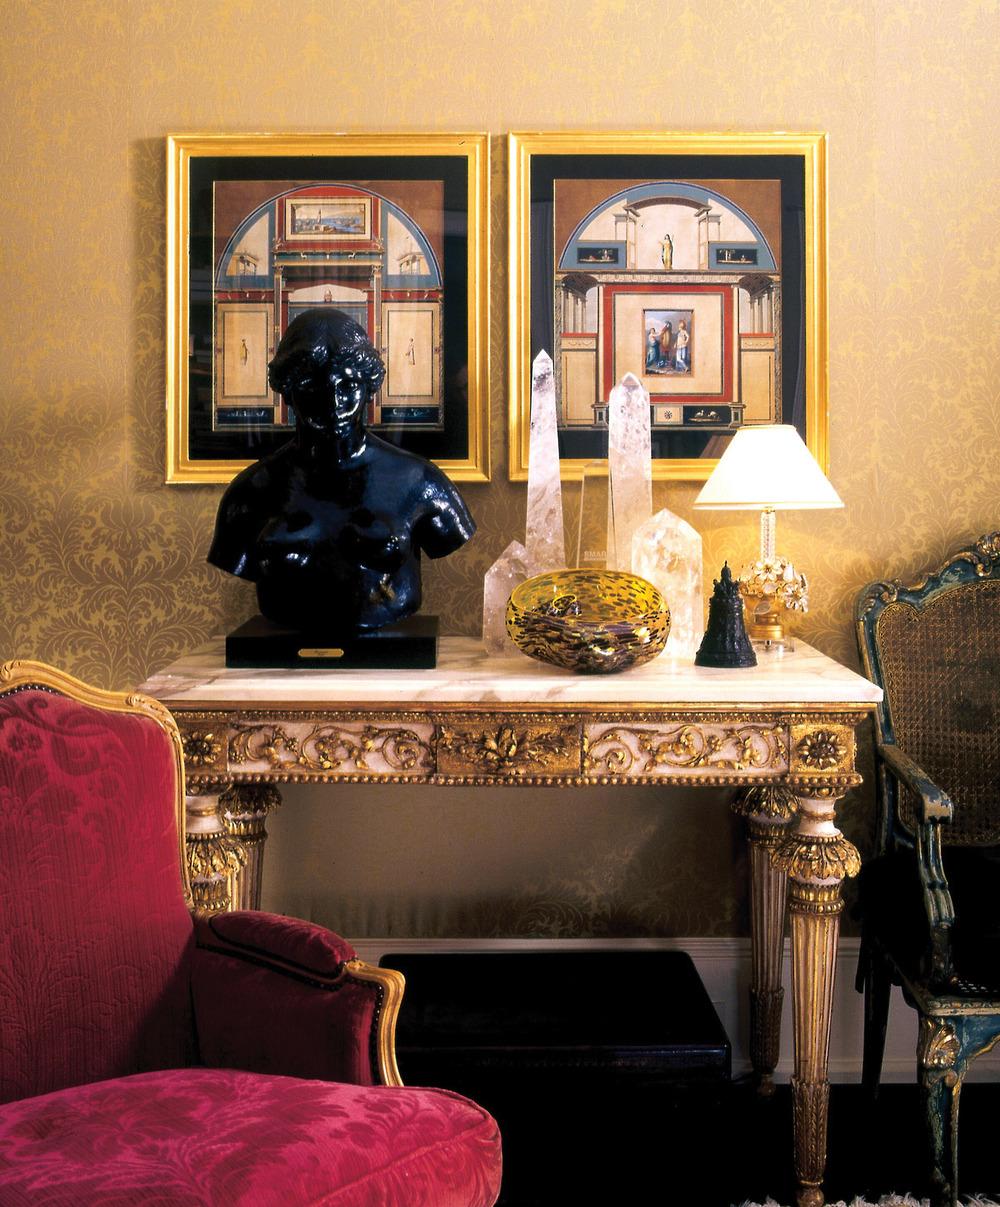 一座羅丹的青銅雕像放置在十八世紀的意大利案幾上,牆上是兩幅十九世紀早期的意大利建築圖紙。